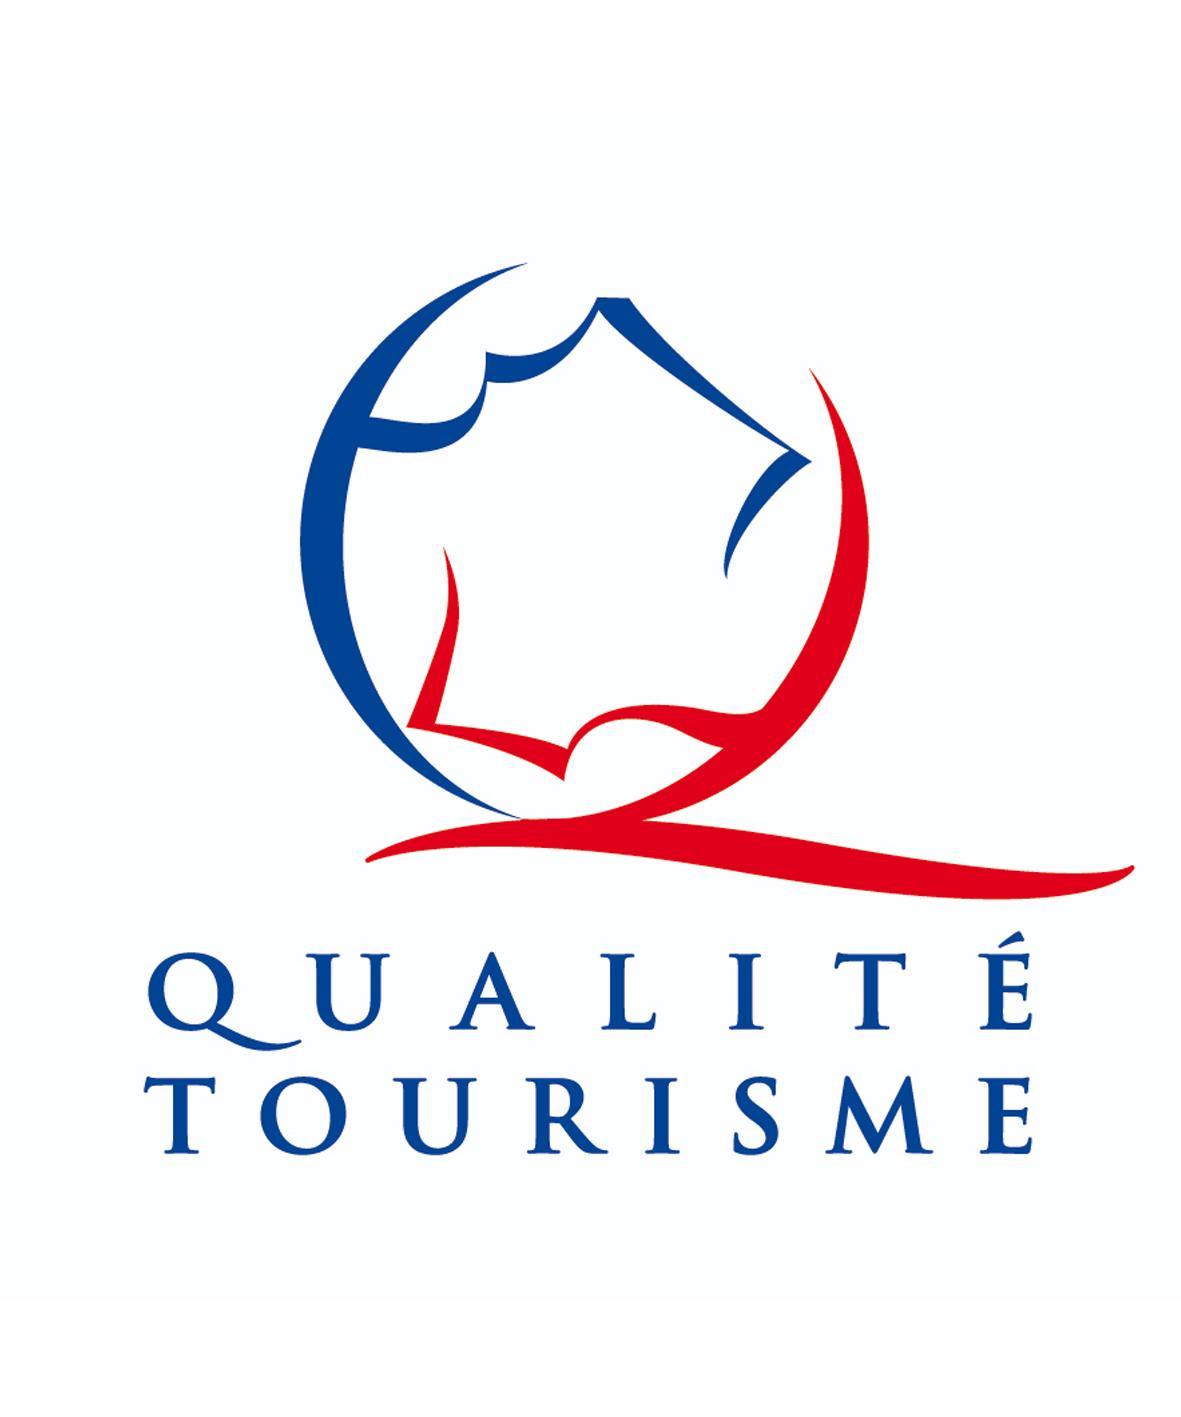 Qualité tourisme Surf